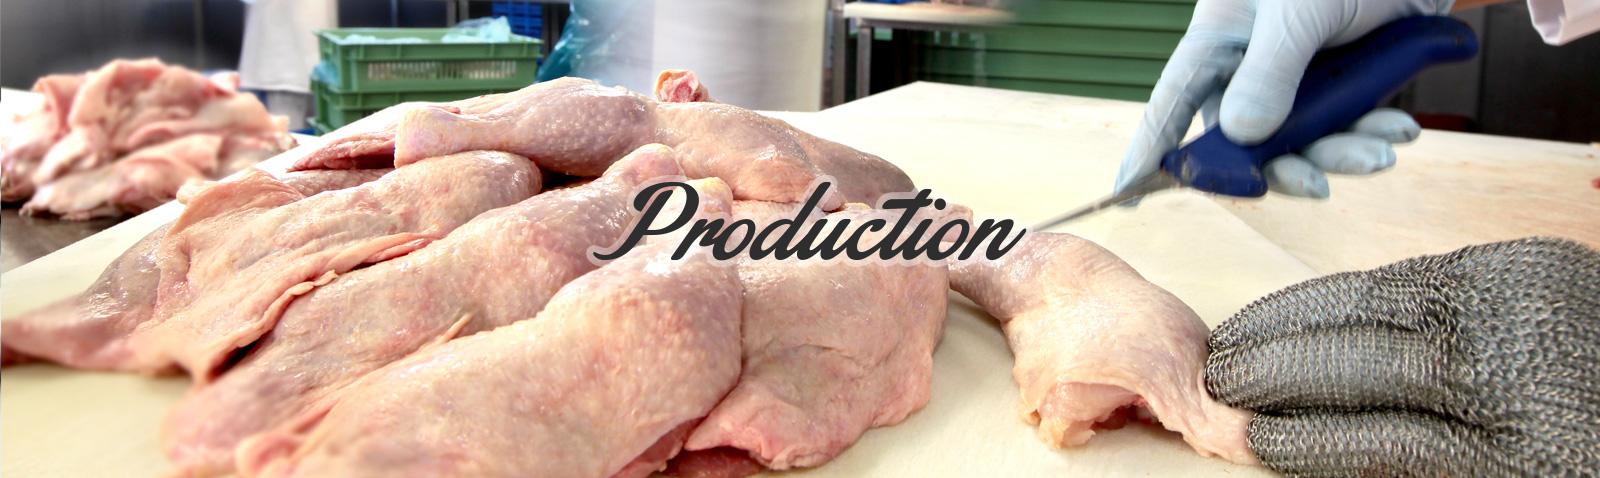 banner-produktion-en